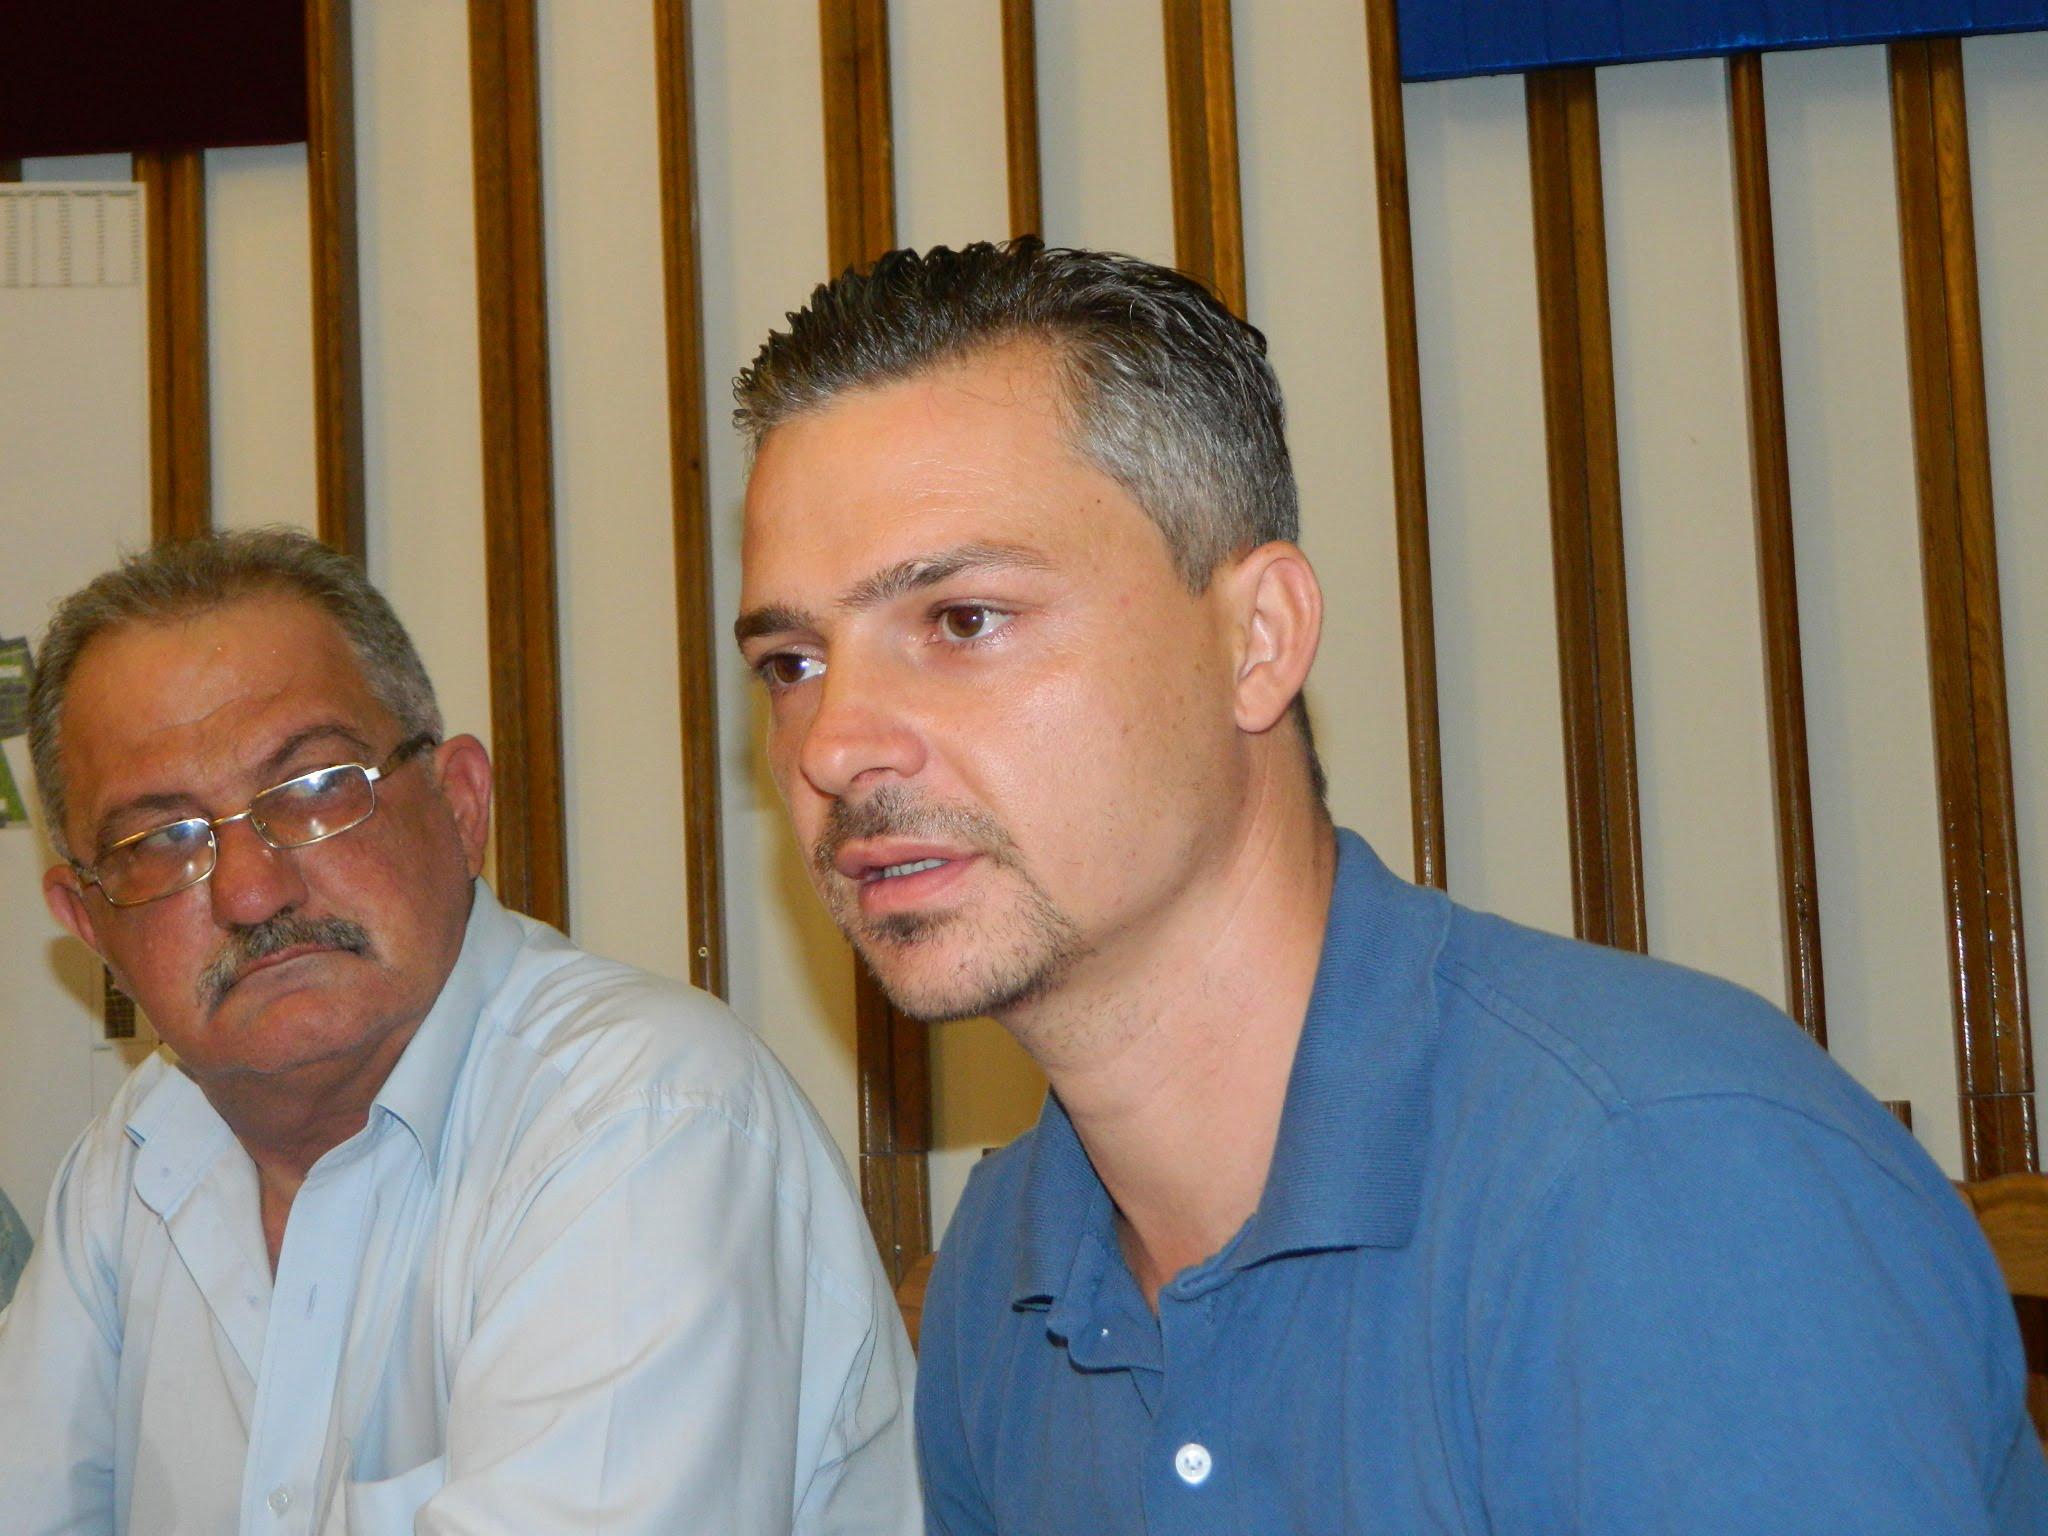 Dan Babut, fostul City manager, se întoarce la Primăria Satu Mare. Gurile rele vorbesc de o răsplată a UDMR pentru ALDE